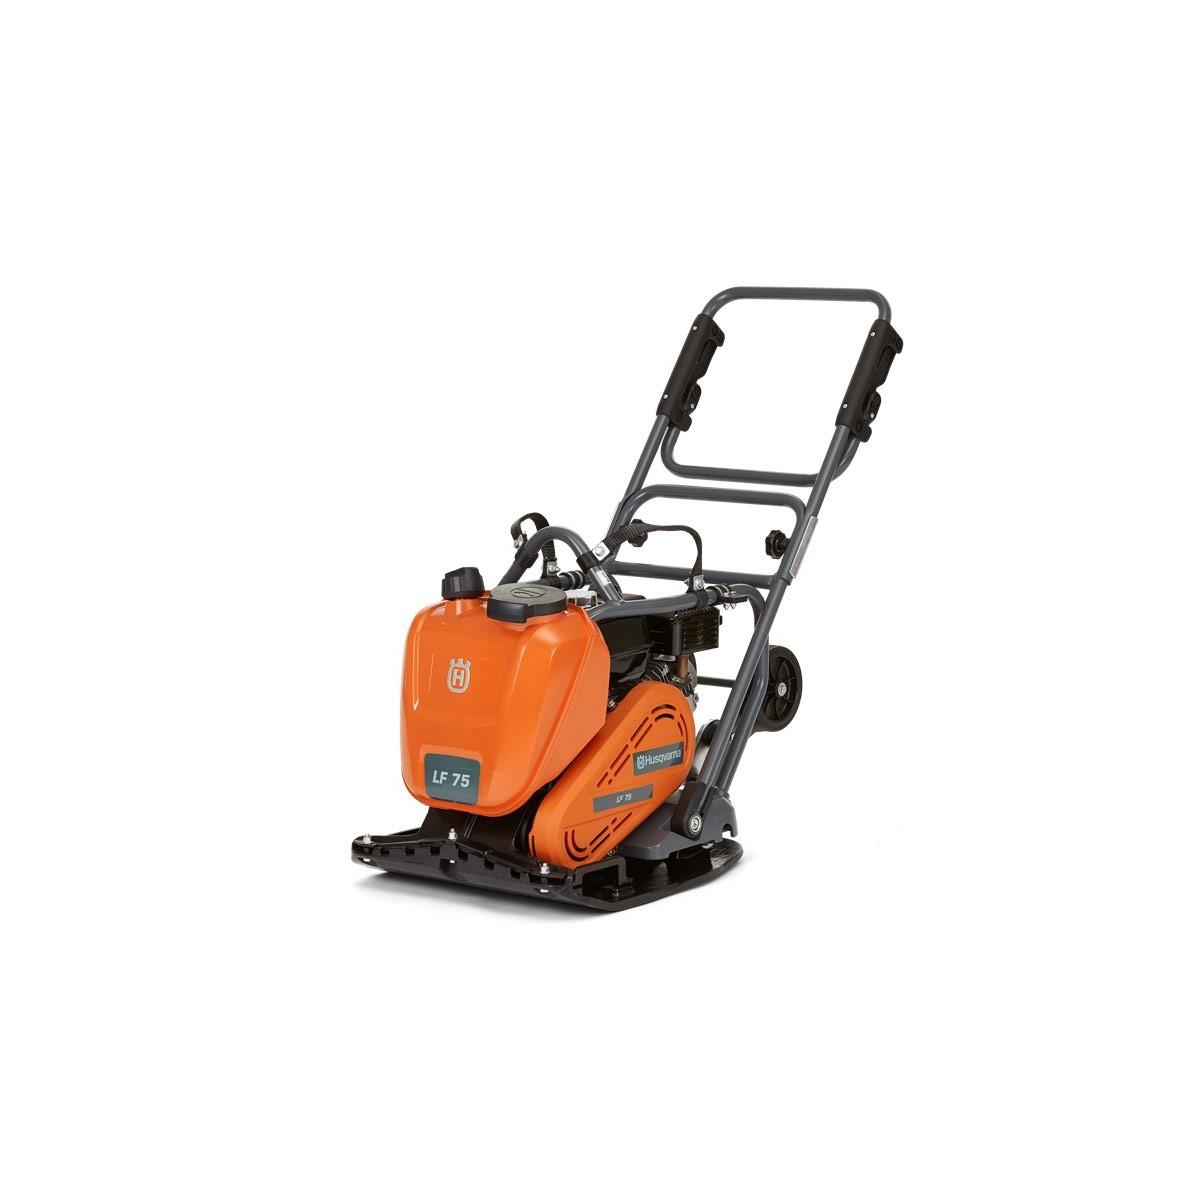 Husqvarna compactador bandeja vibradora 42x57 lf75 lat asfalto-tierra 95kg-3